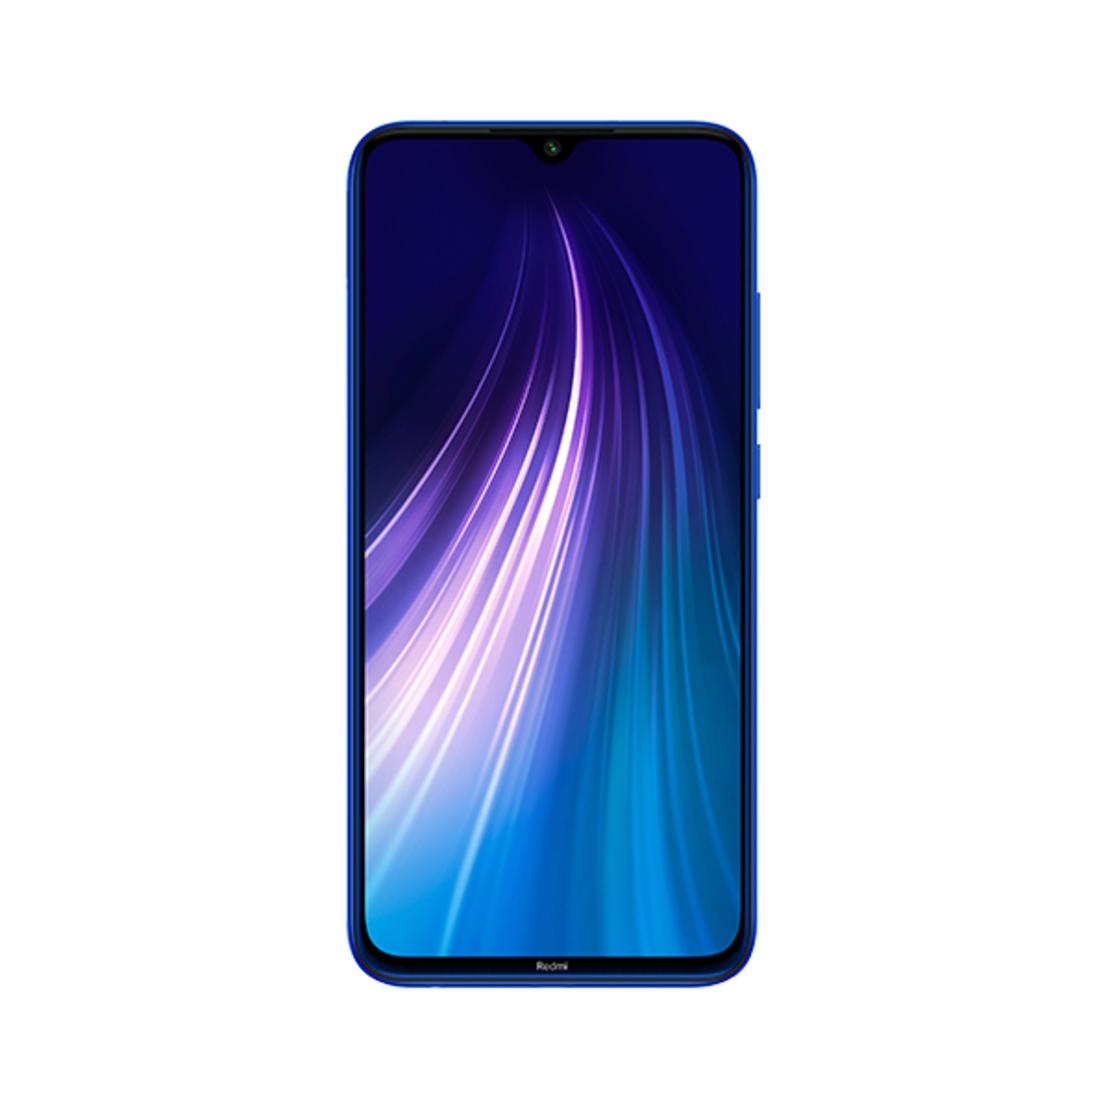 סמארטפון REDMI NOTE 8 גרסה 4GB+128GB בצבע כחול יבואן רשמי